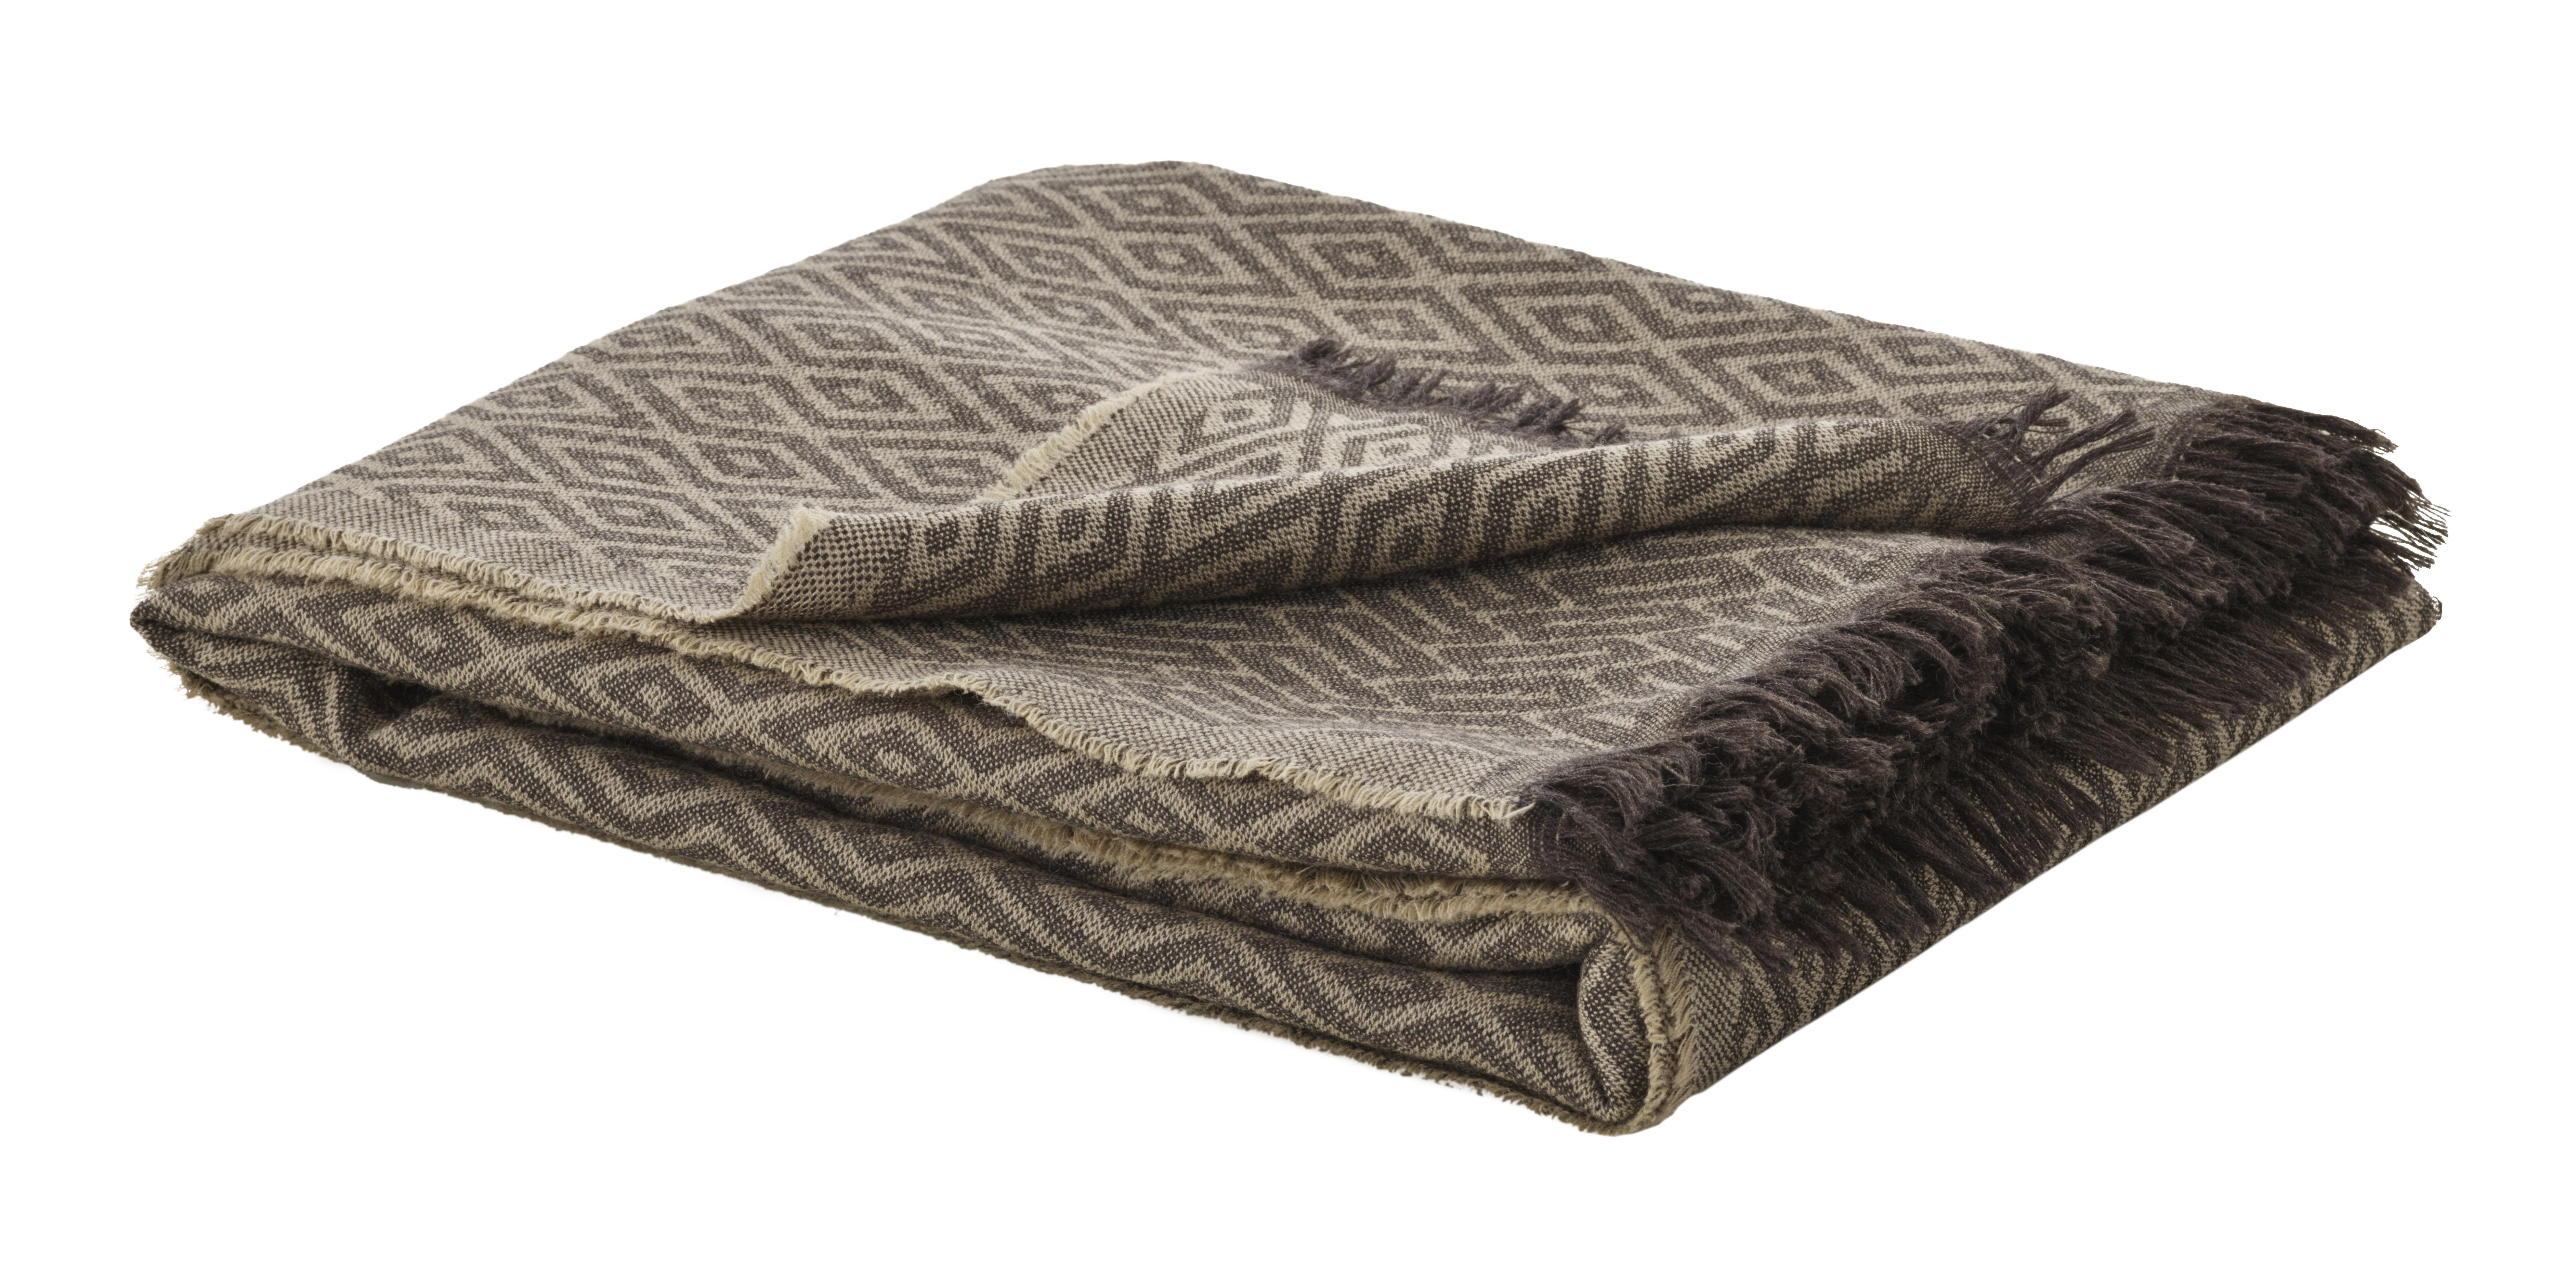 Decoration - Bedding & Bath Towels - Plaid - / Limited edition - 195 x 120 cm by Fritz Hansen - Earth & Beige - Merinos wool